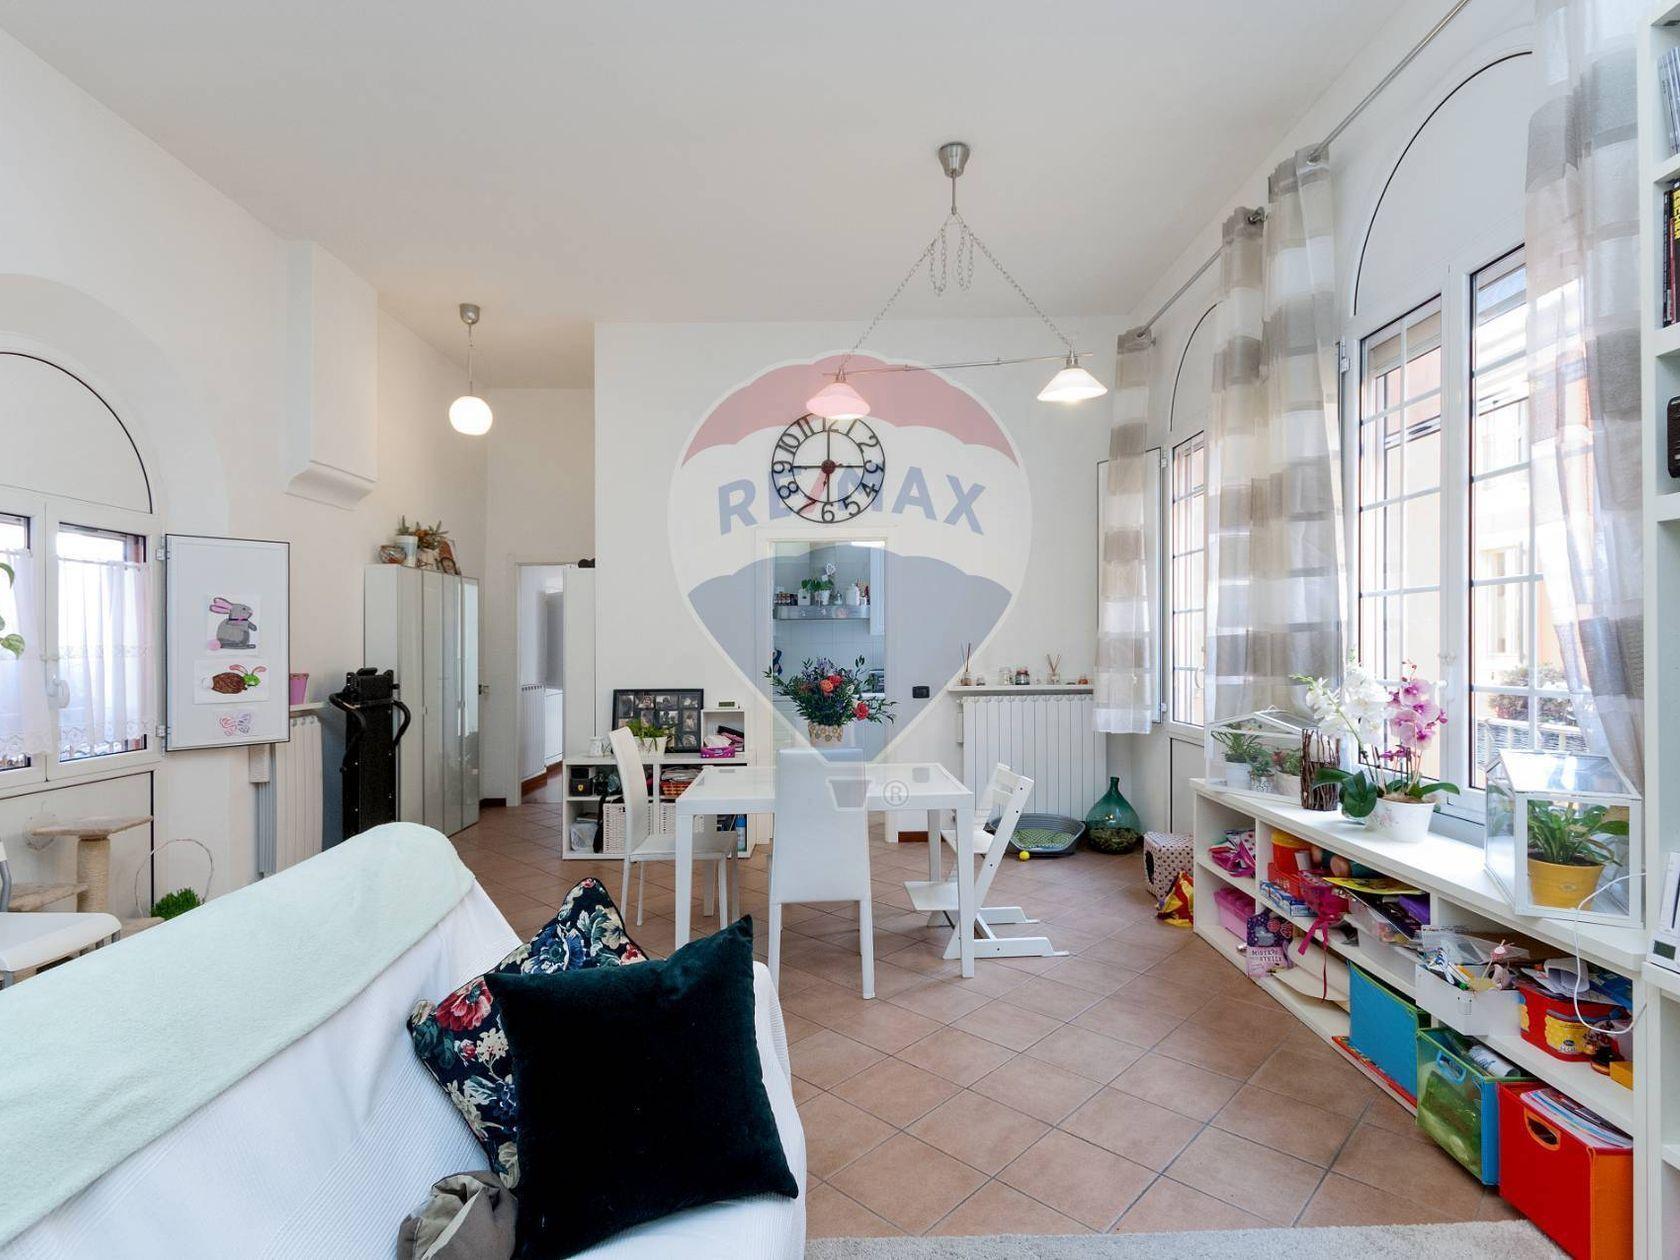 Appartamento Zona Centro Storico, San Giovanni in Persiceto, BO Vendita - Foto 9